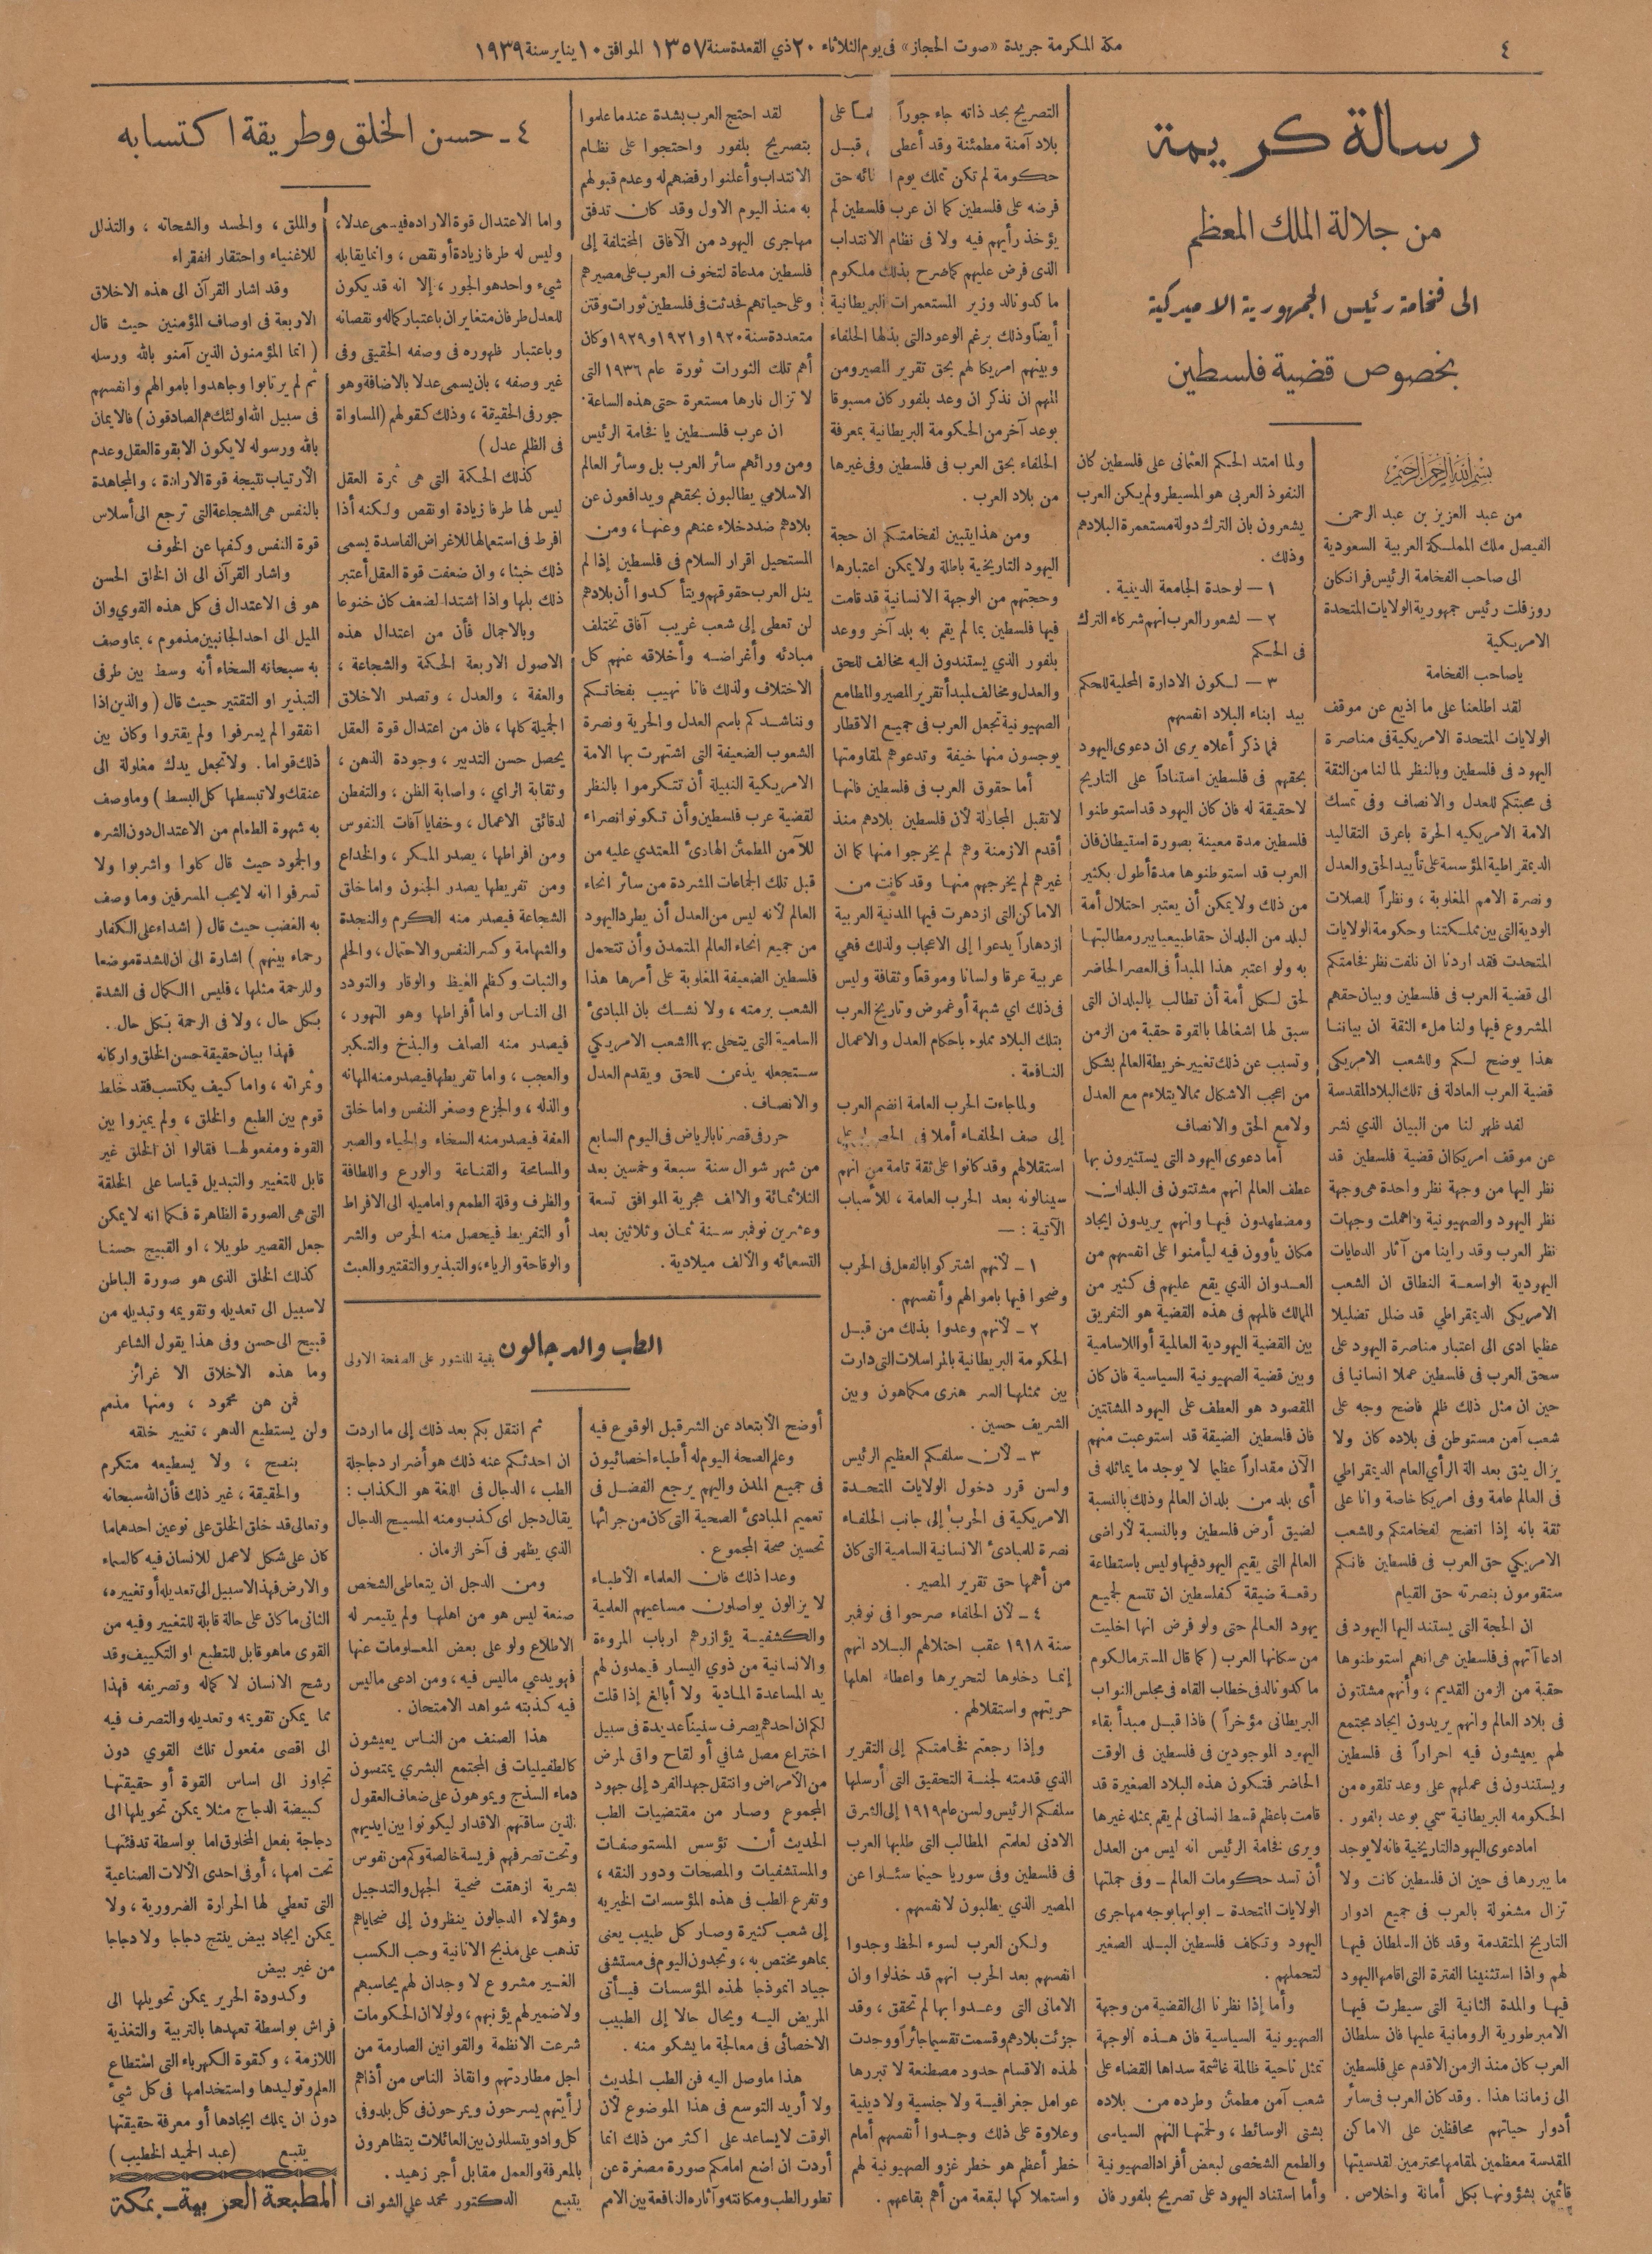 Lettre originale parue dans le journal mecquois La Voix du Hijaz